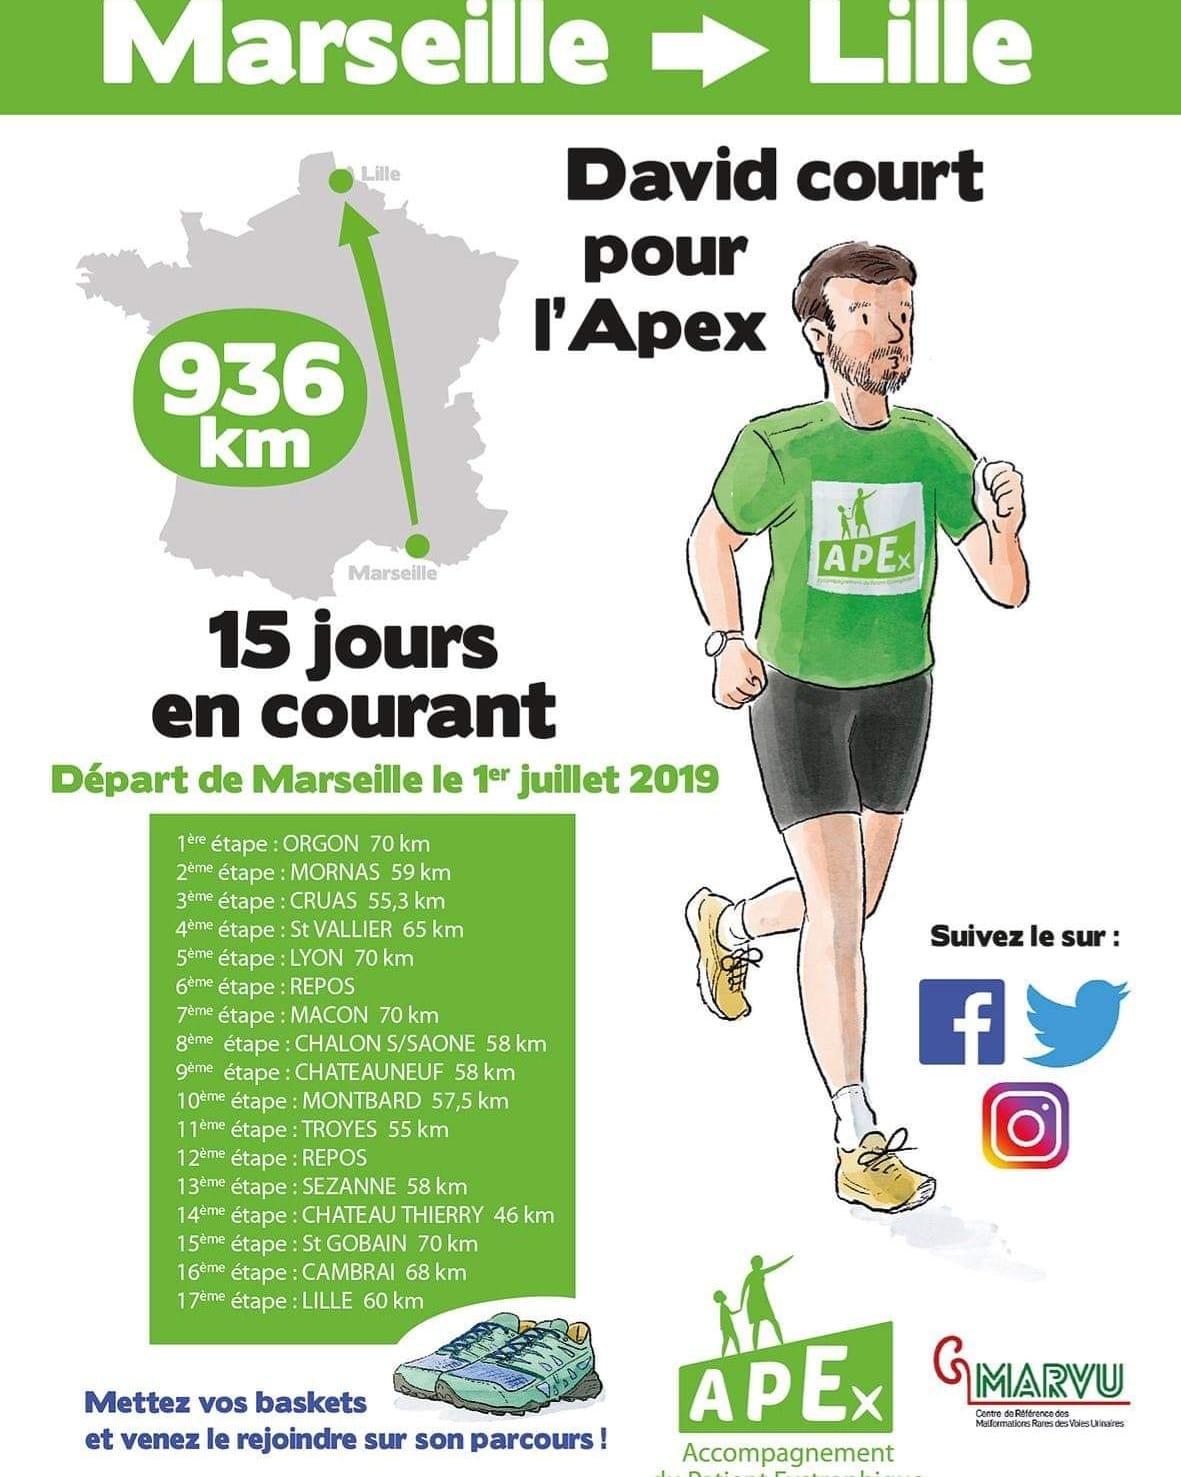 David court pour l'Apex & Mister Universel France le soutient